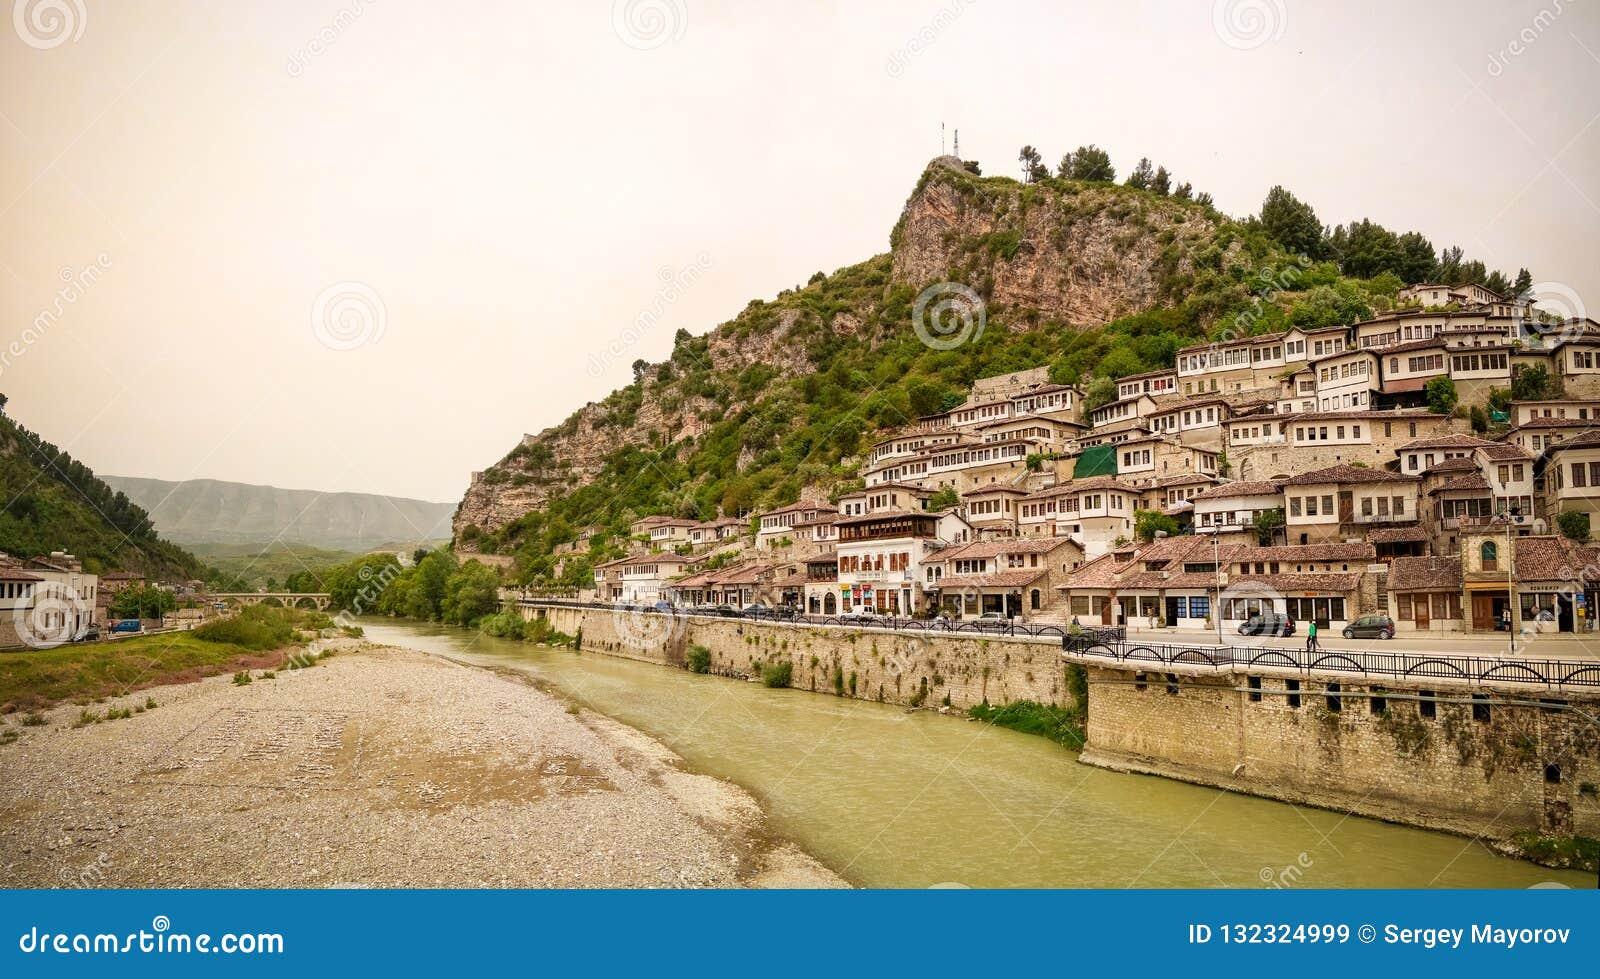 对培拉特老镇和Kisha e沈Mehillit圣迈克尔教会,培拉特,阿尔巴尼亚的亦称全景